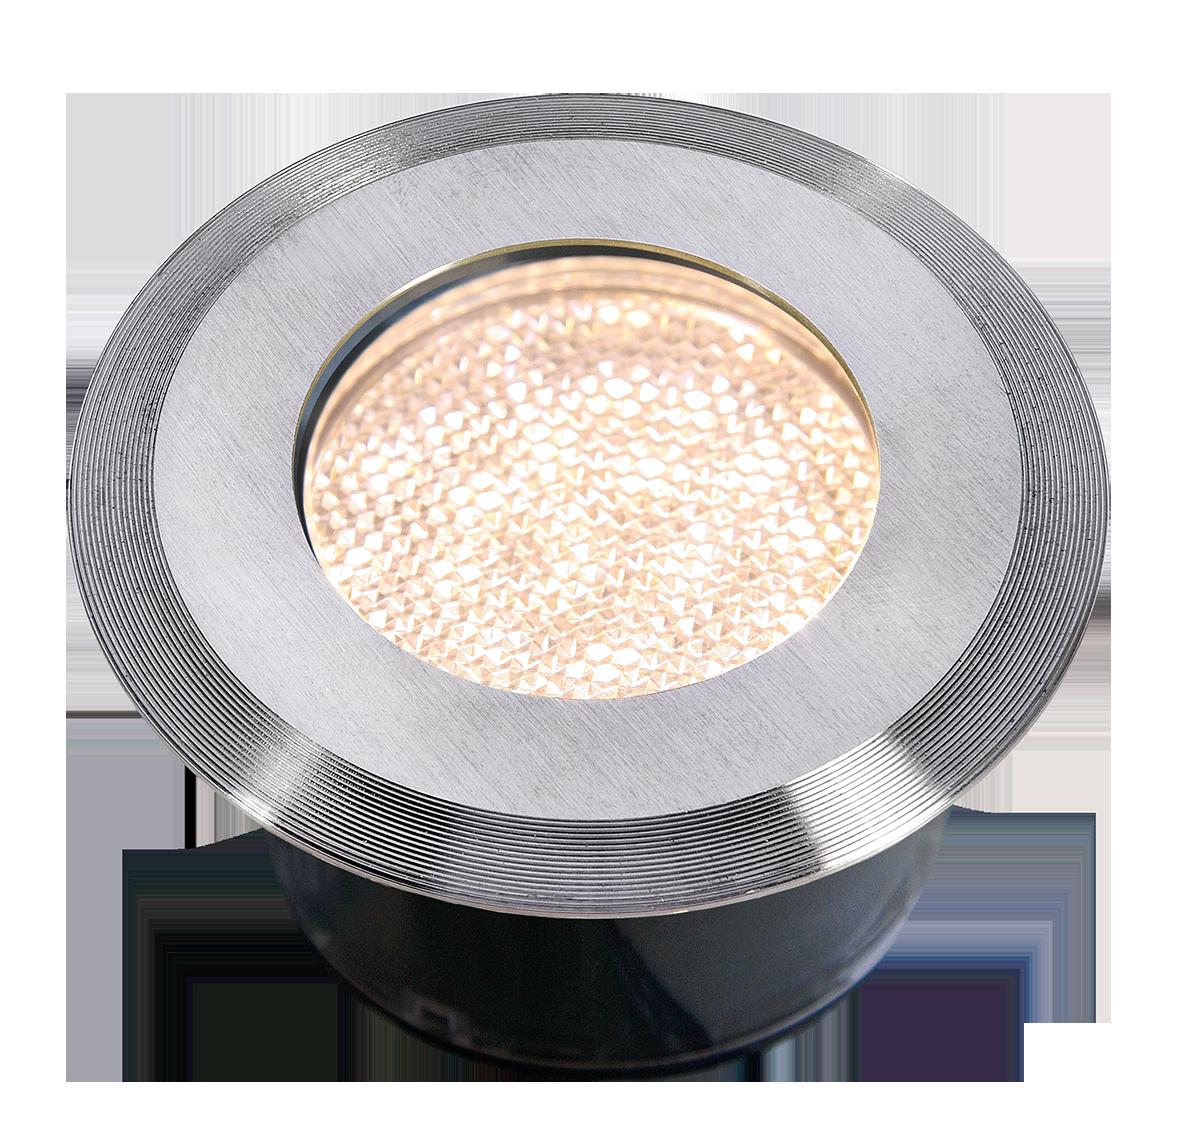 Onyx 60 R3 LED 1W